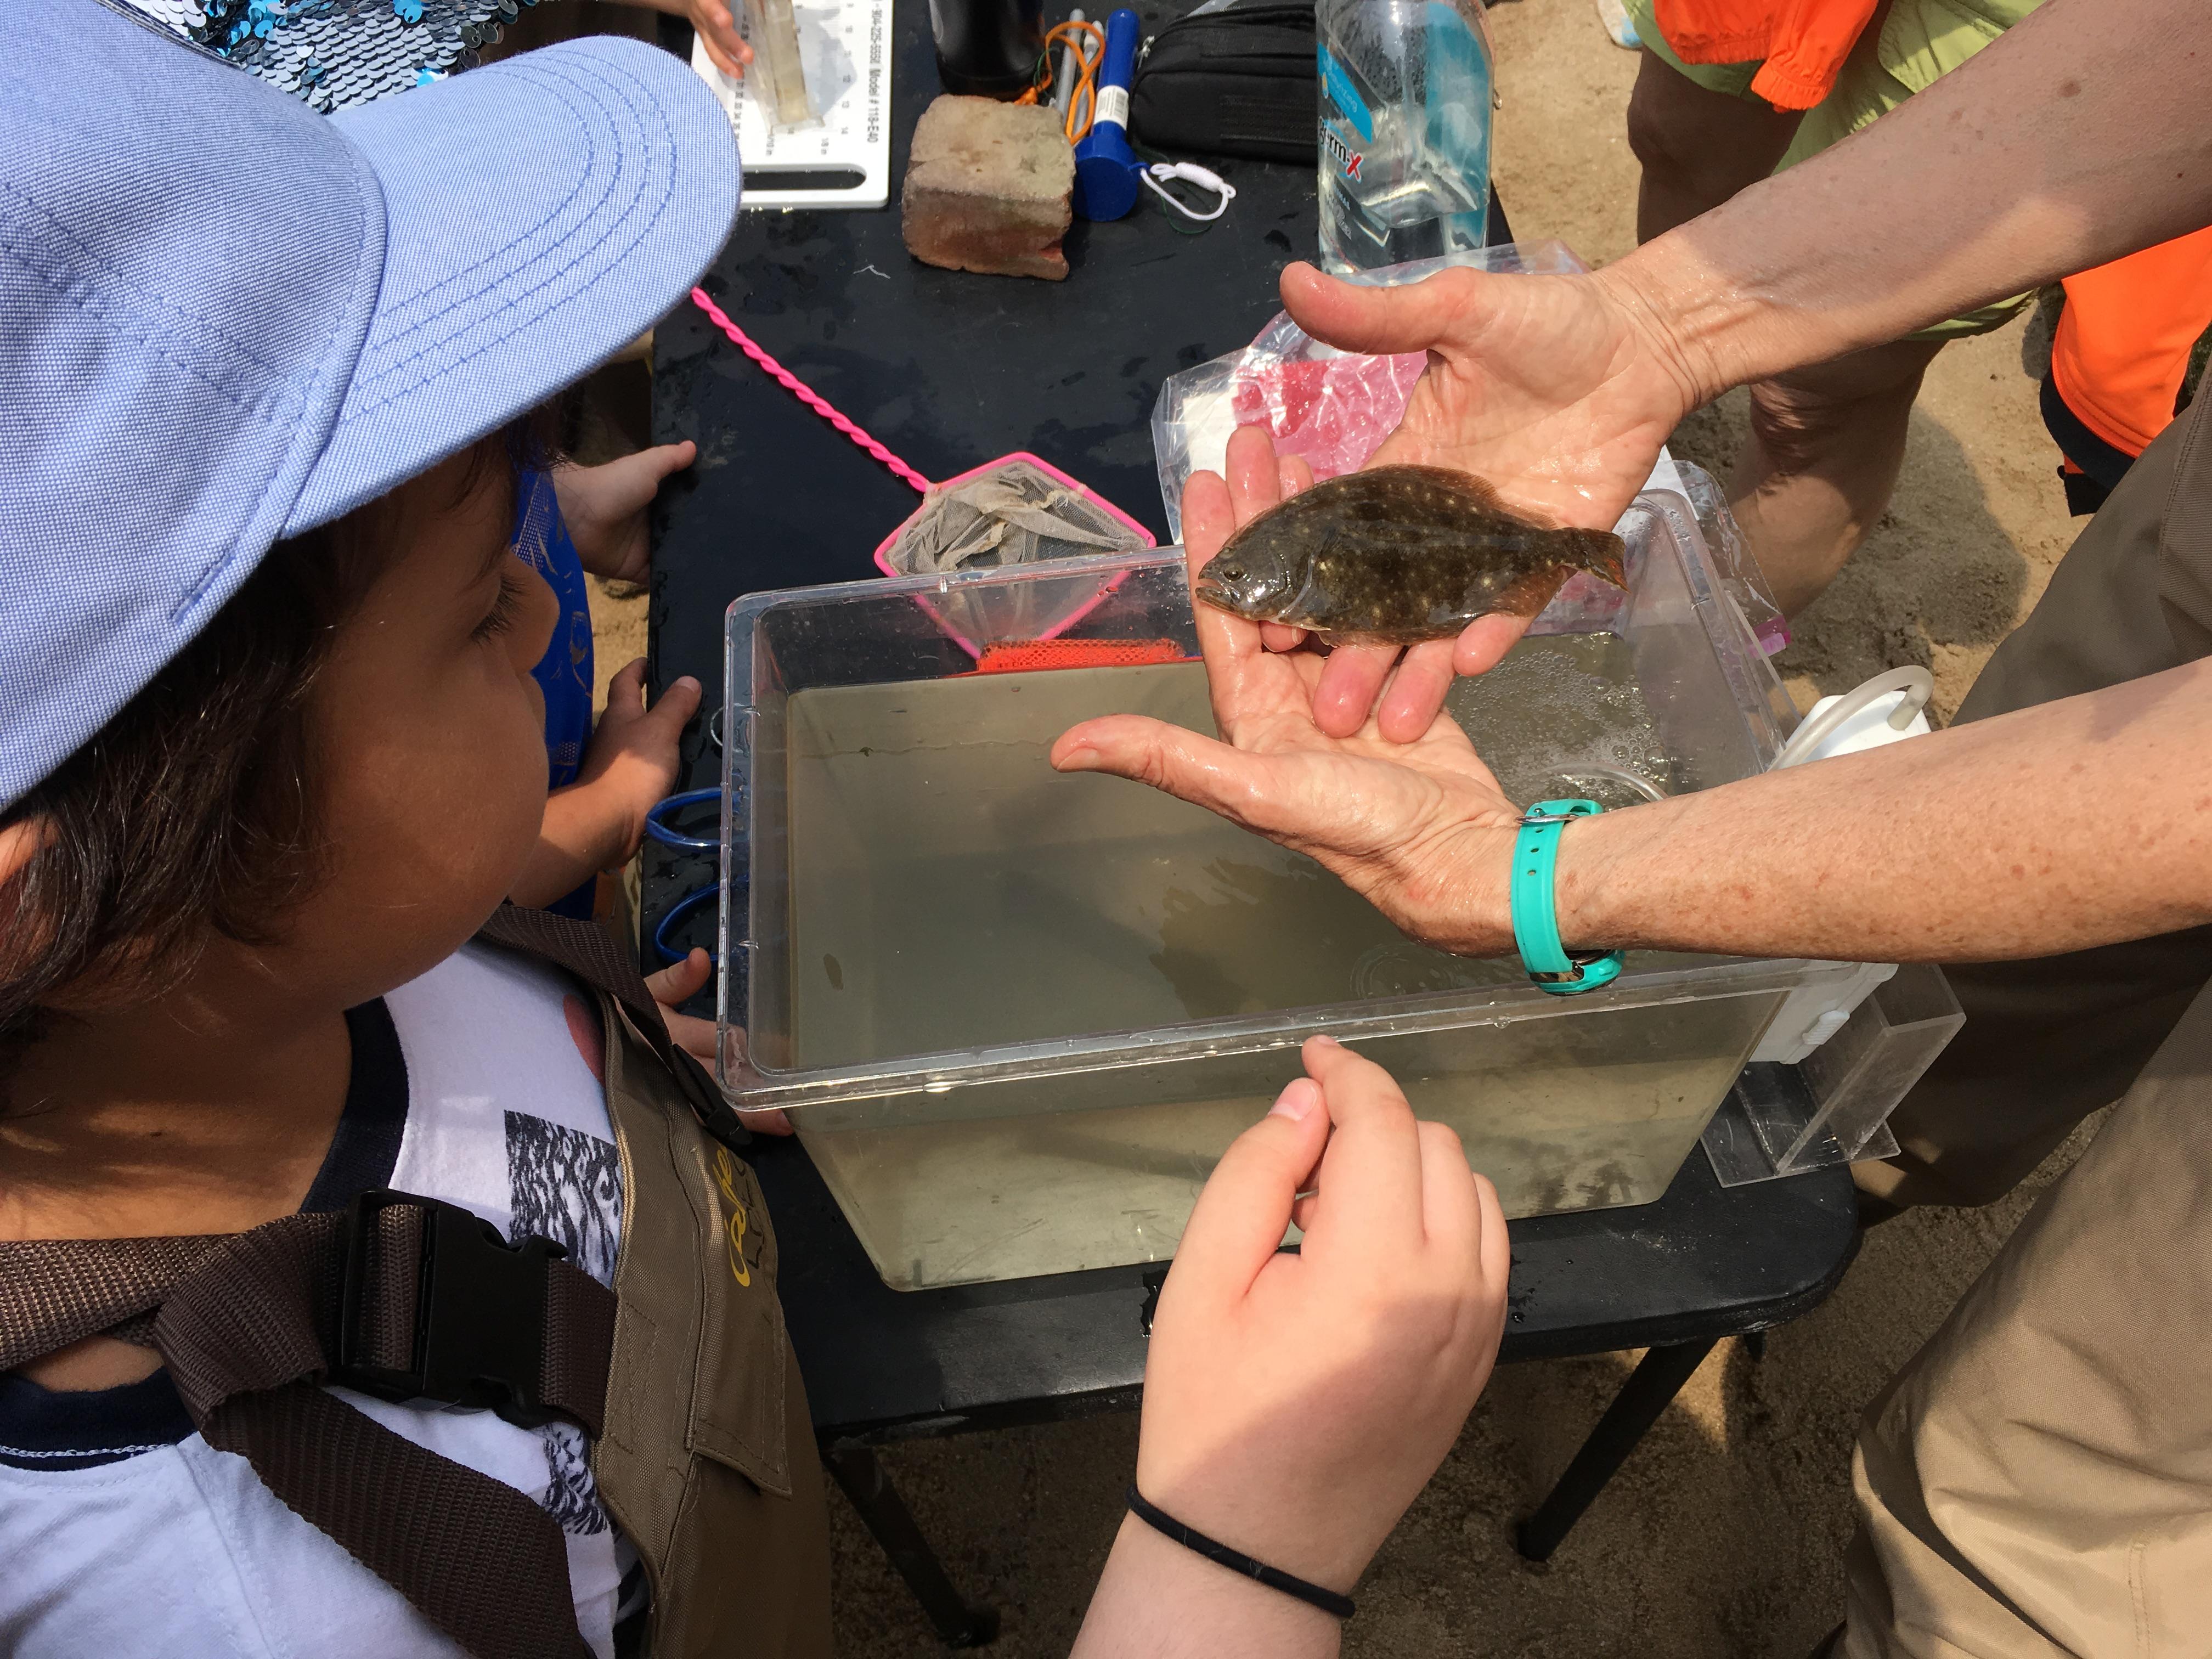 flounder and girl